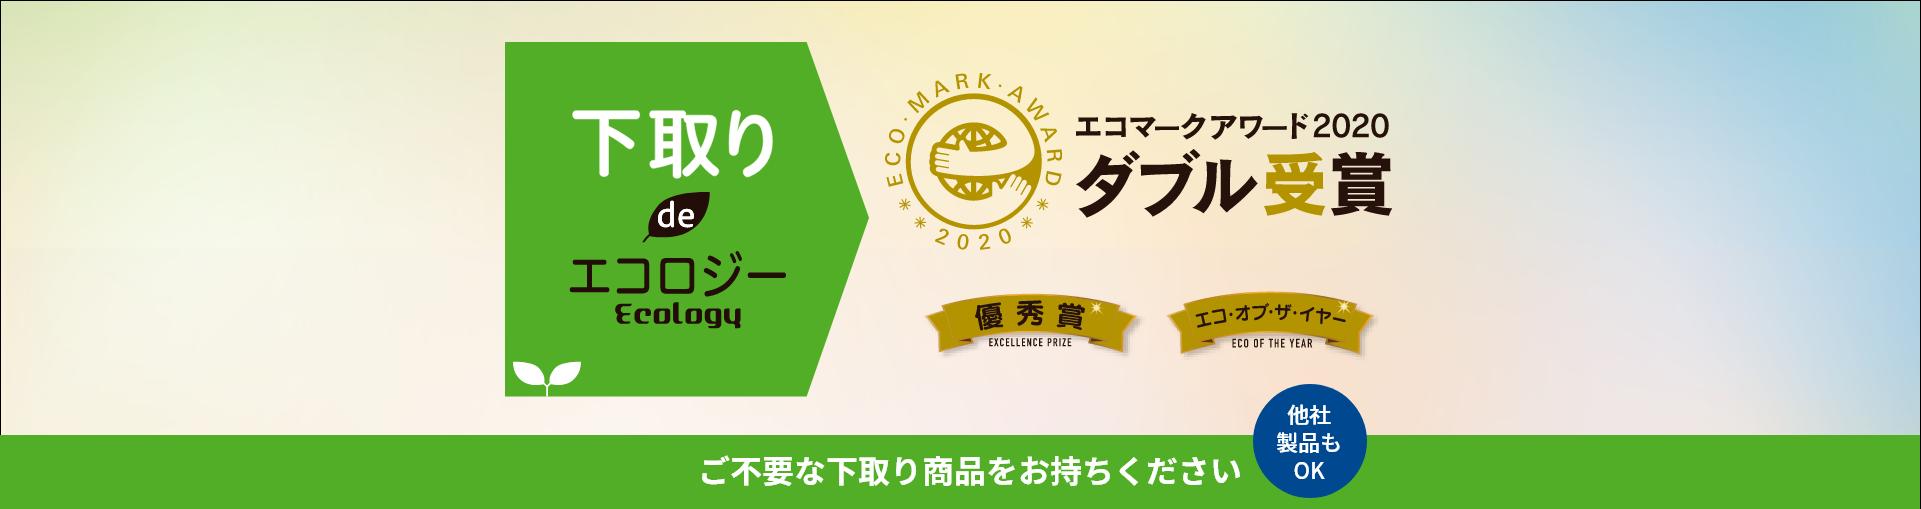 下取りdeエコロジー エコマークアワード2020ダブル受賞 優秀賞 エコ・オブ・ザ・イヤー